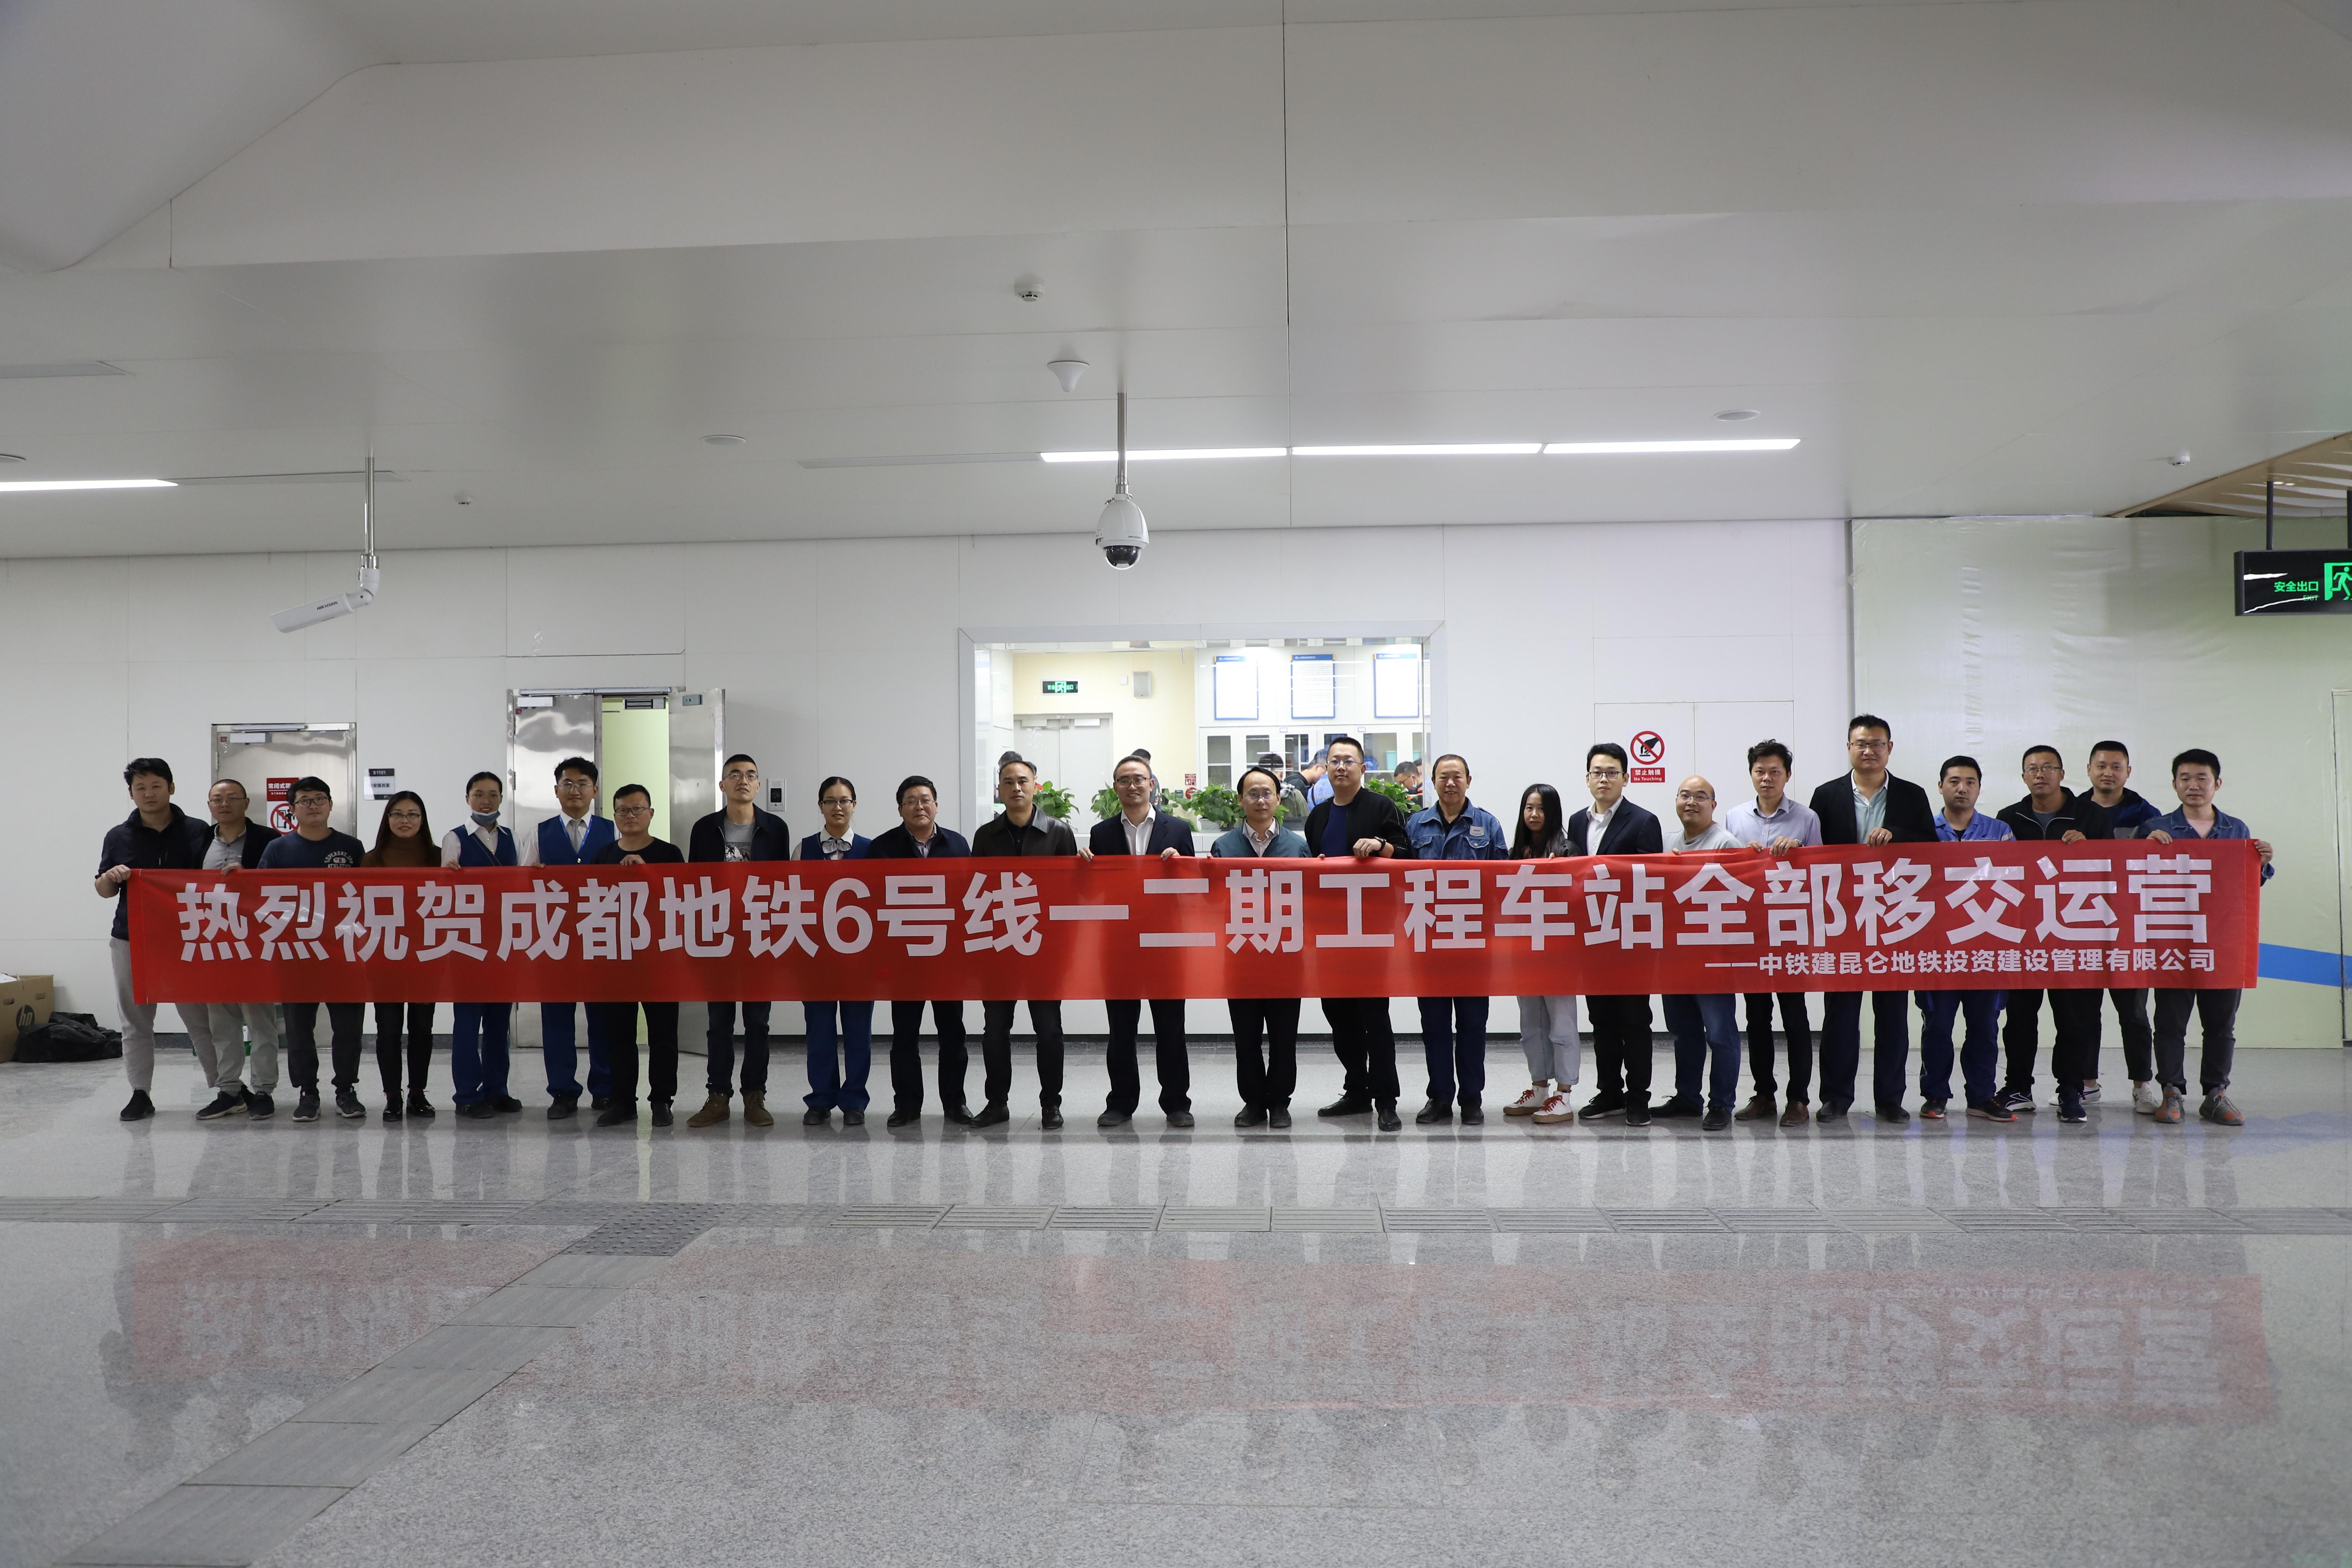 成都轨道交通2020年开通116座车站移交运营